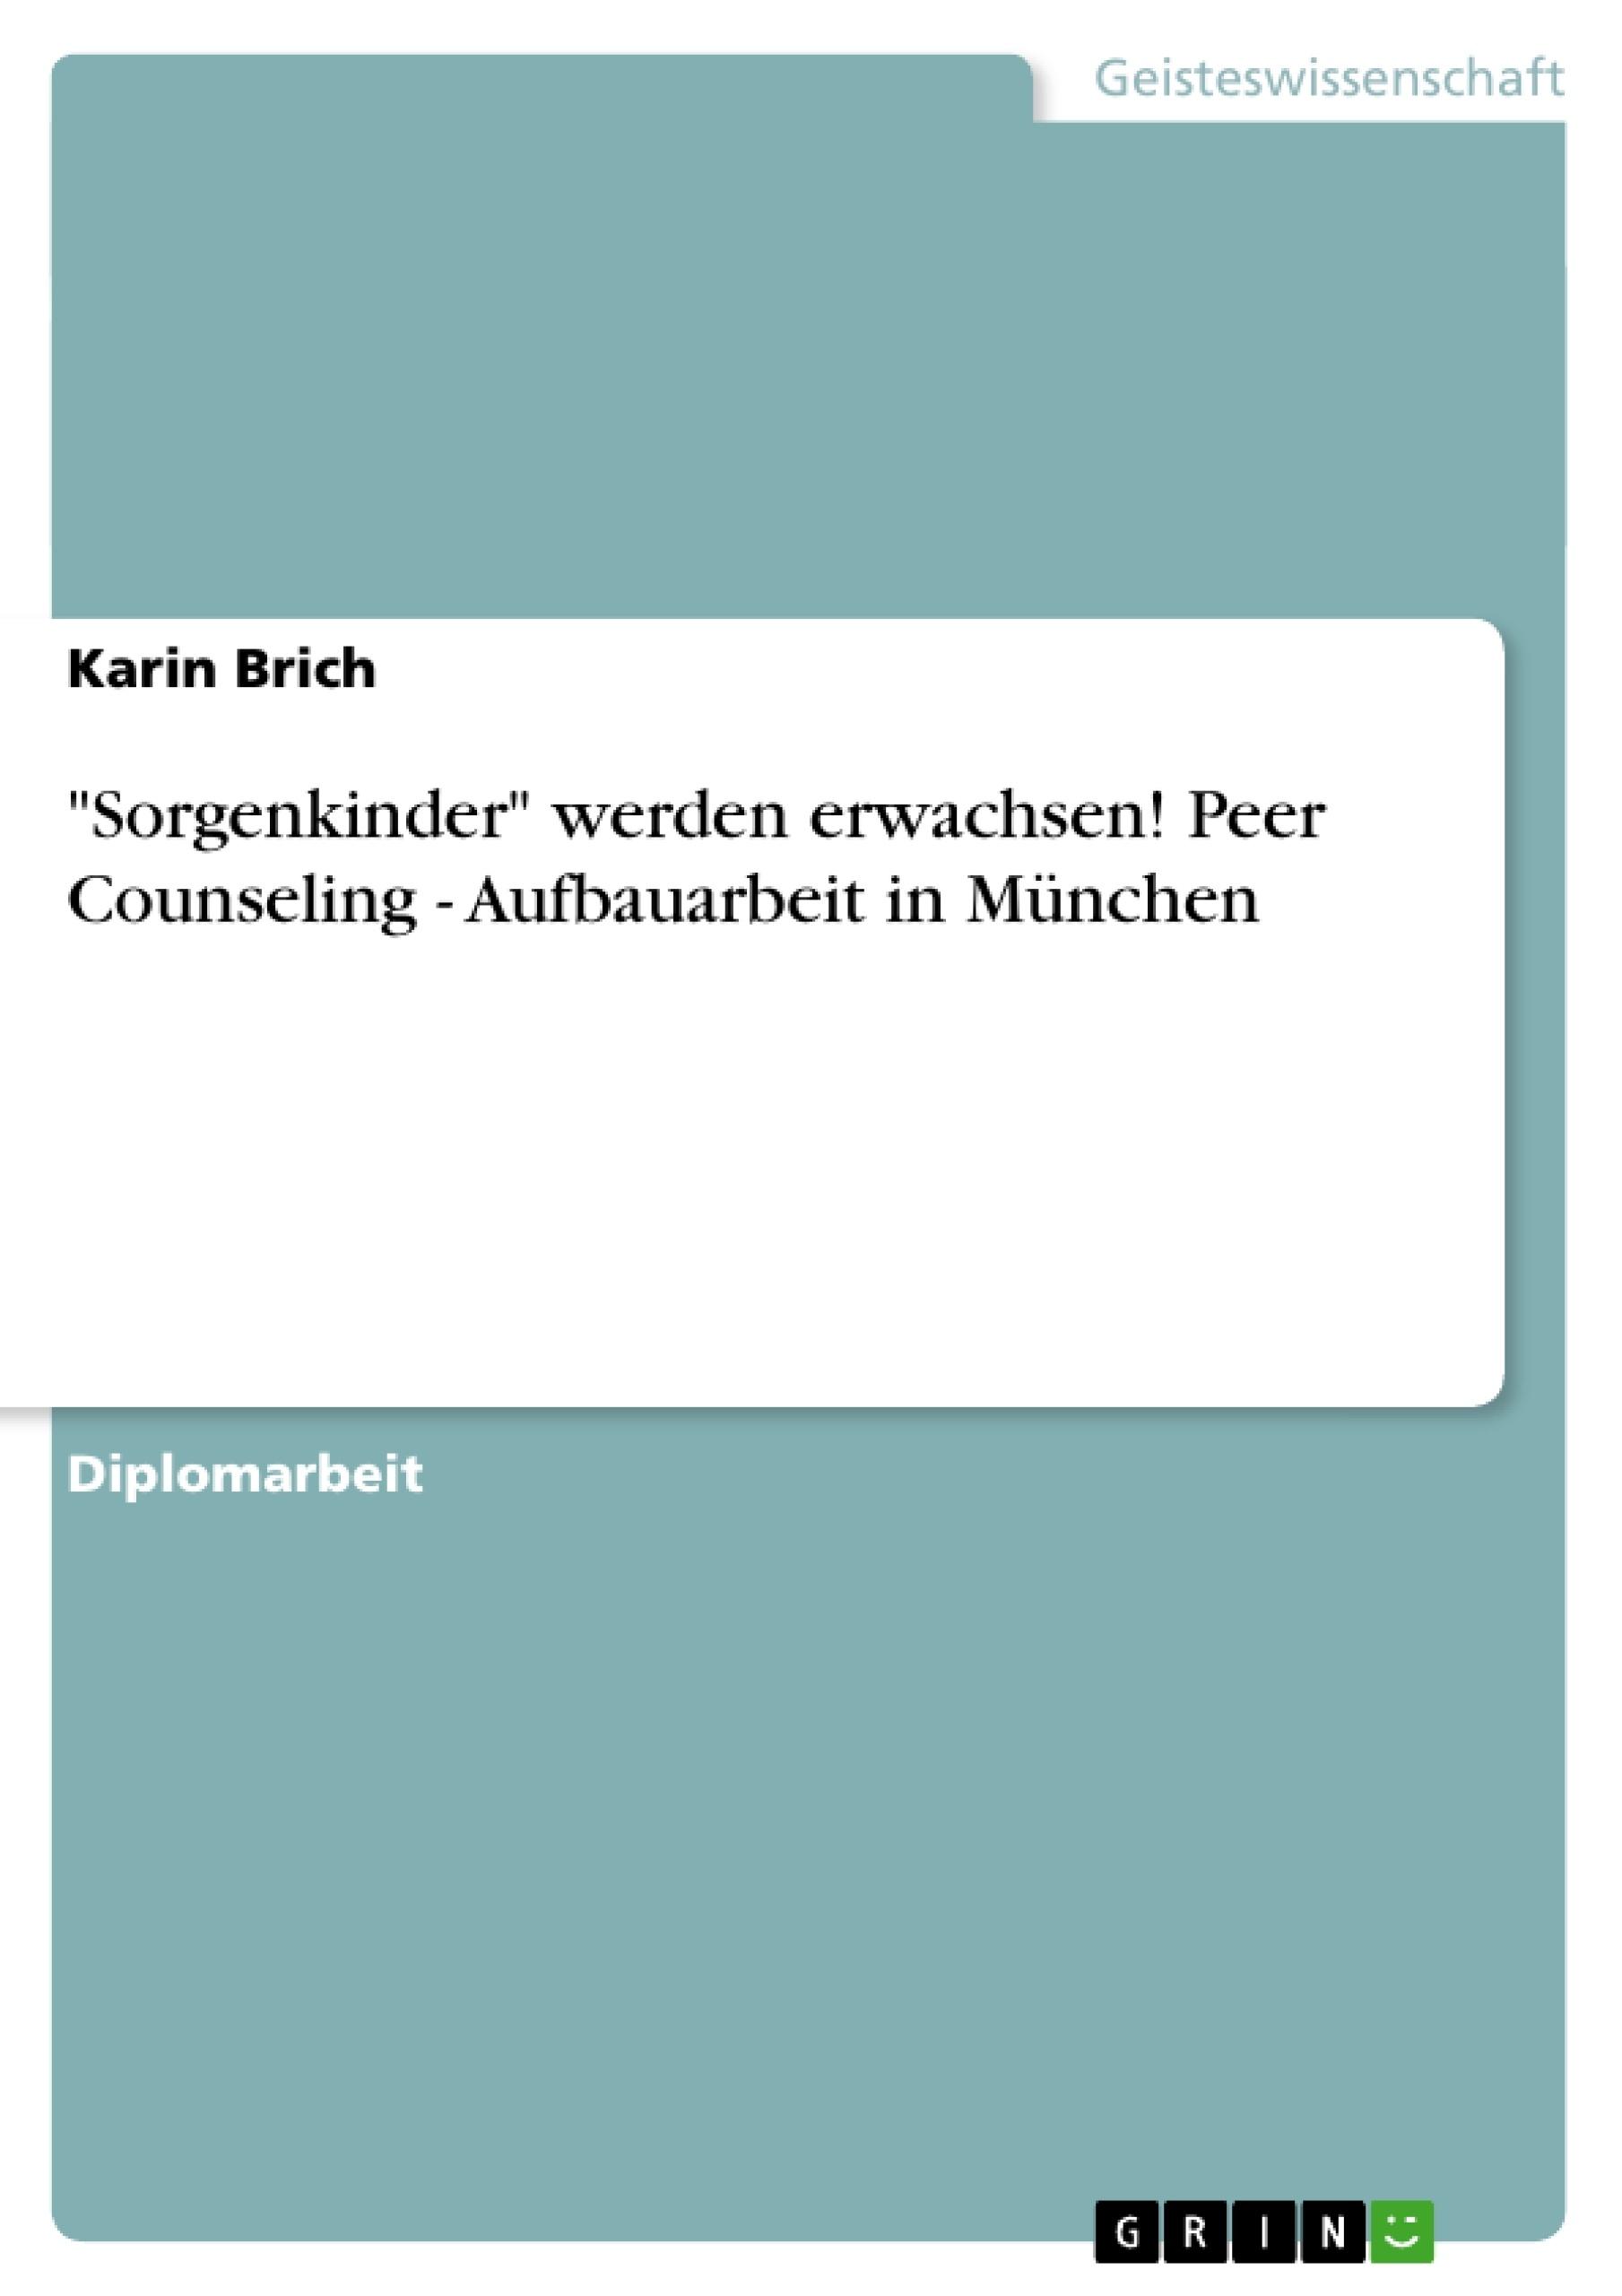 """Titel: """"Sorgenkinder"""" werden erwachsen! Peer Counseling - Aufbauarbeit in München"""